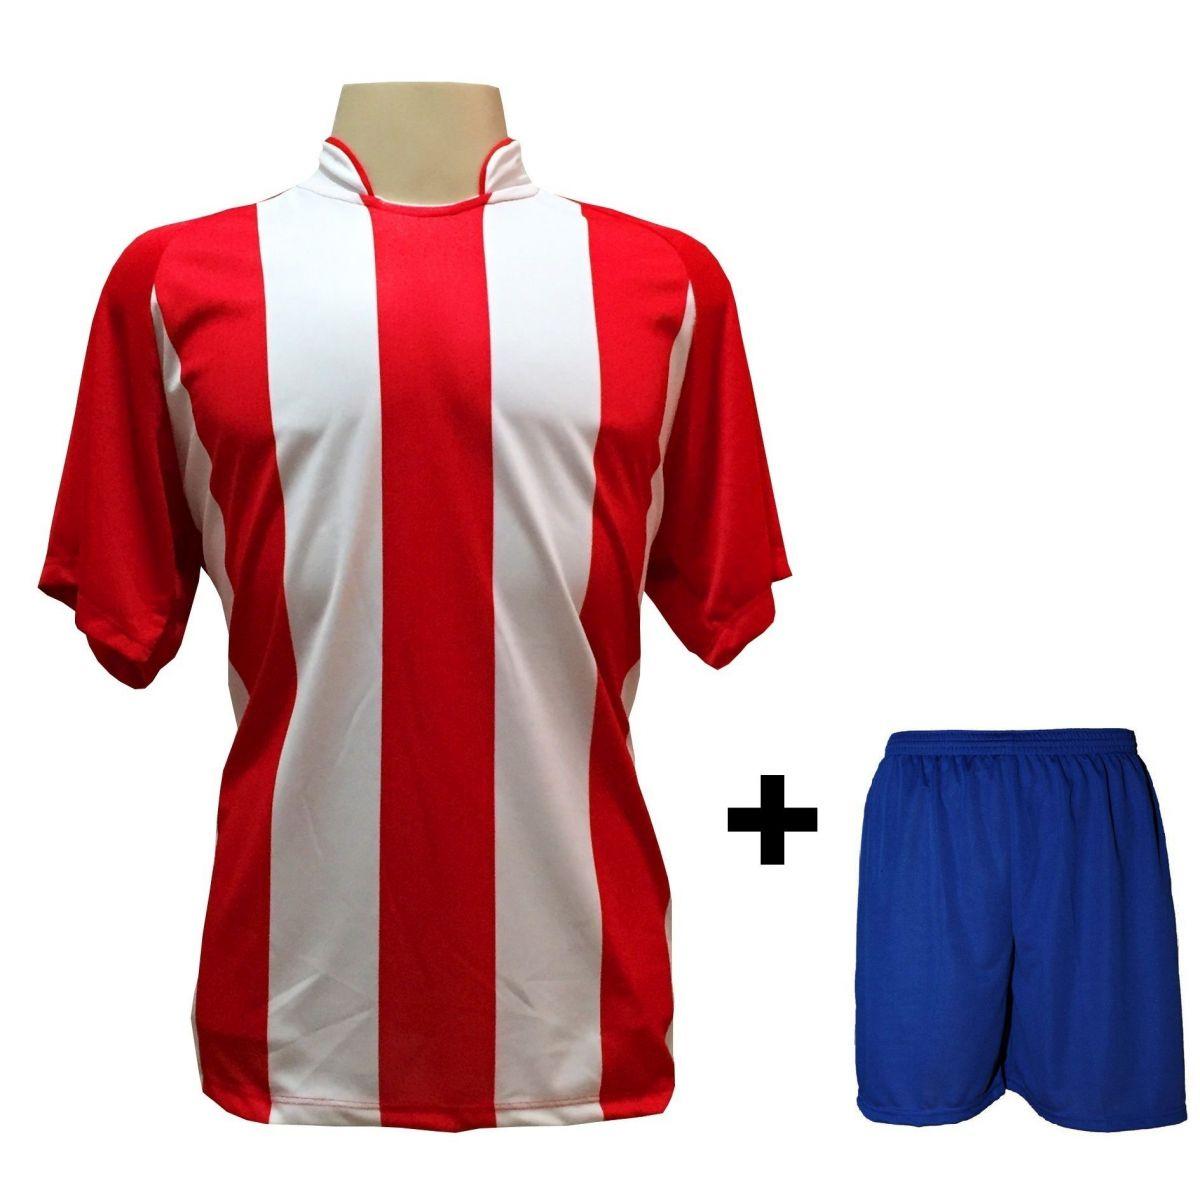 Uniforme Esportivo com 12 Camisas modelo Milan Vermelho/Branco + 12 Calções modelo Madrid Royal